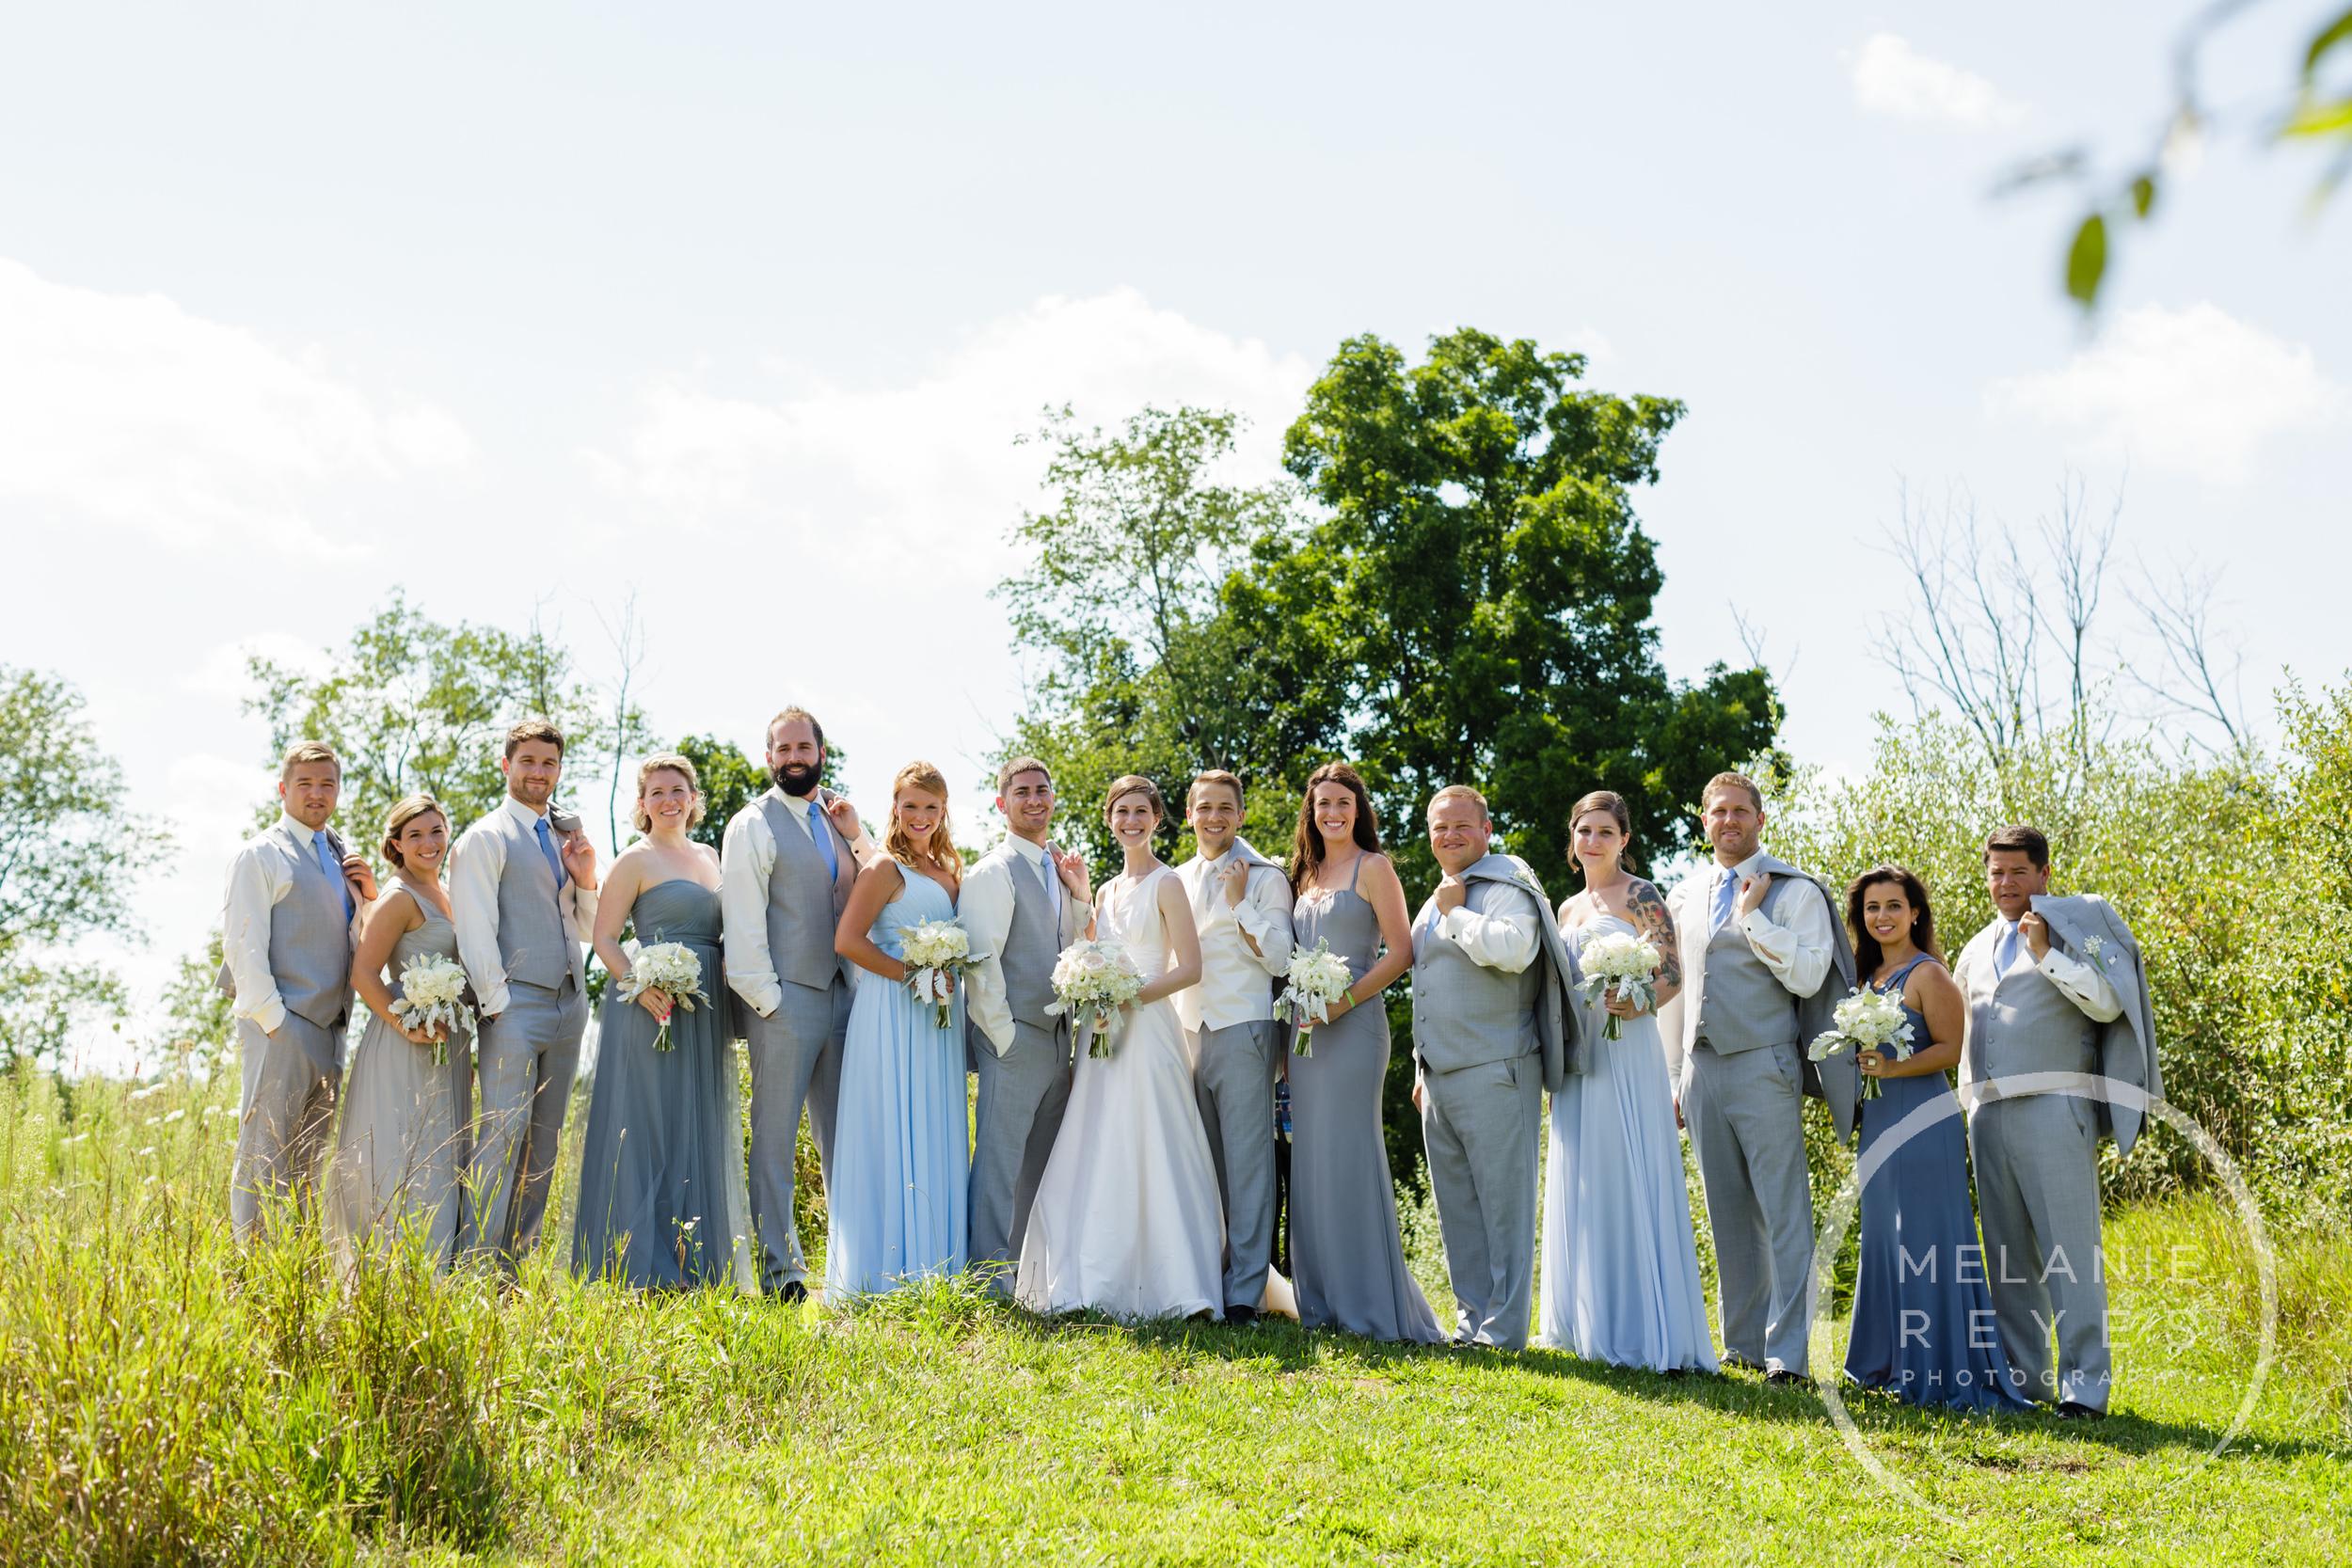 022_farm_wedding_melanie_reyes.JPG